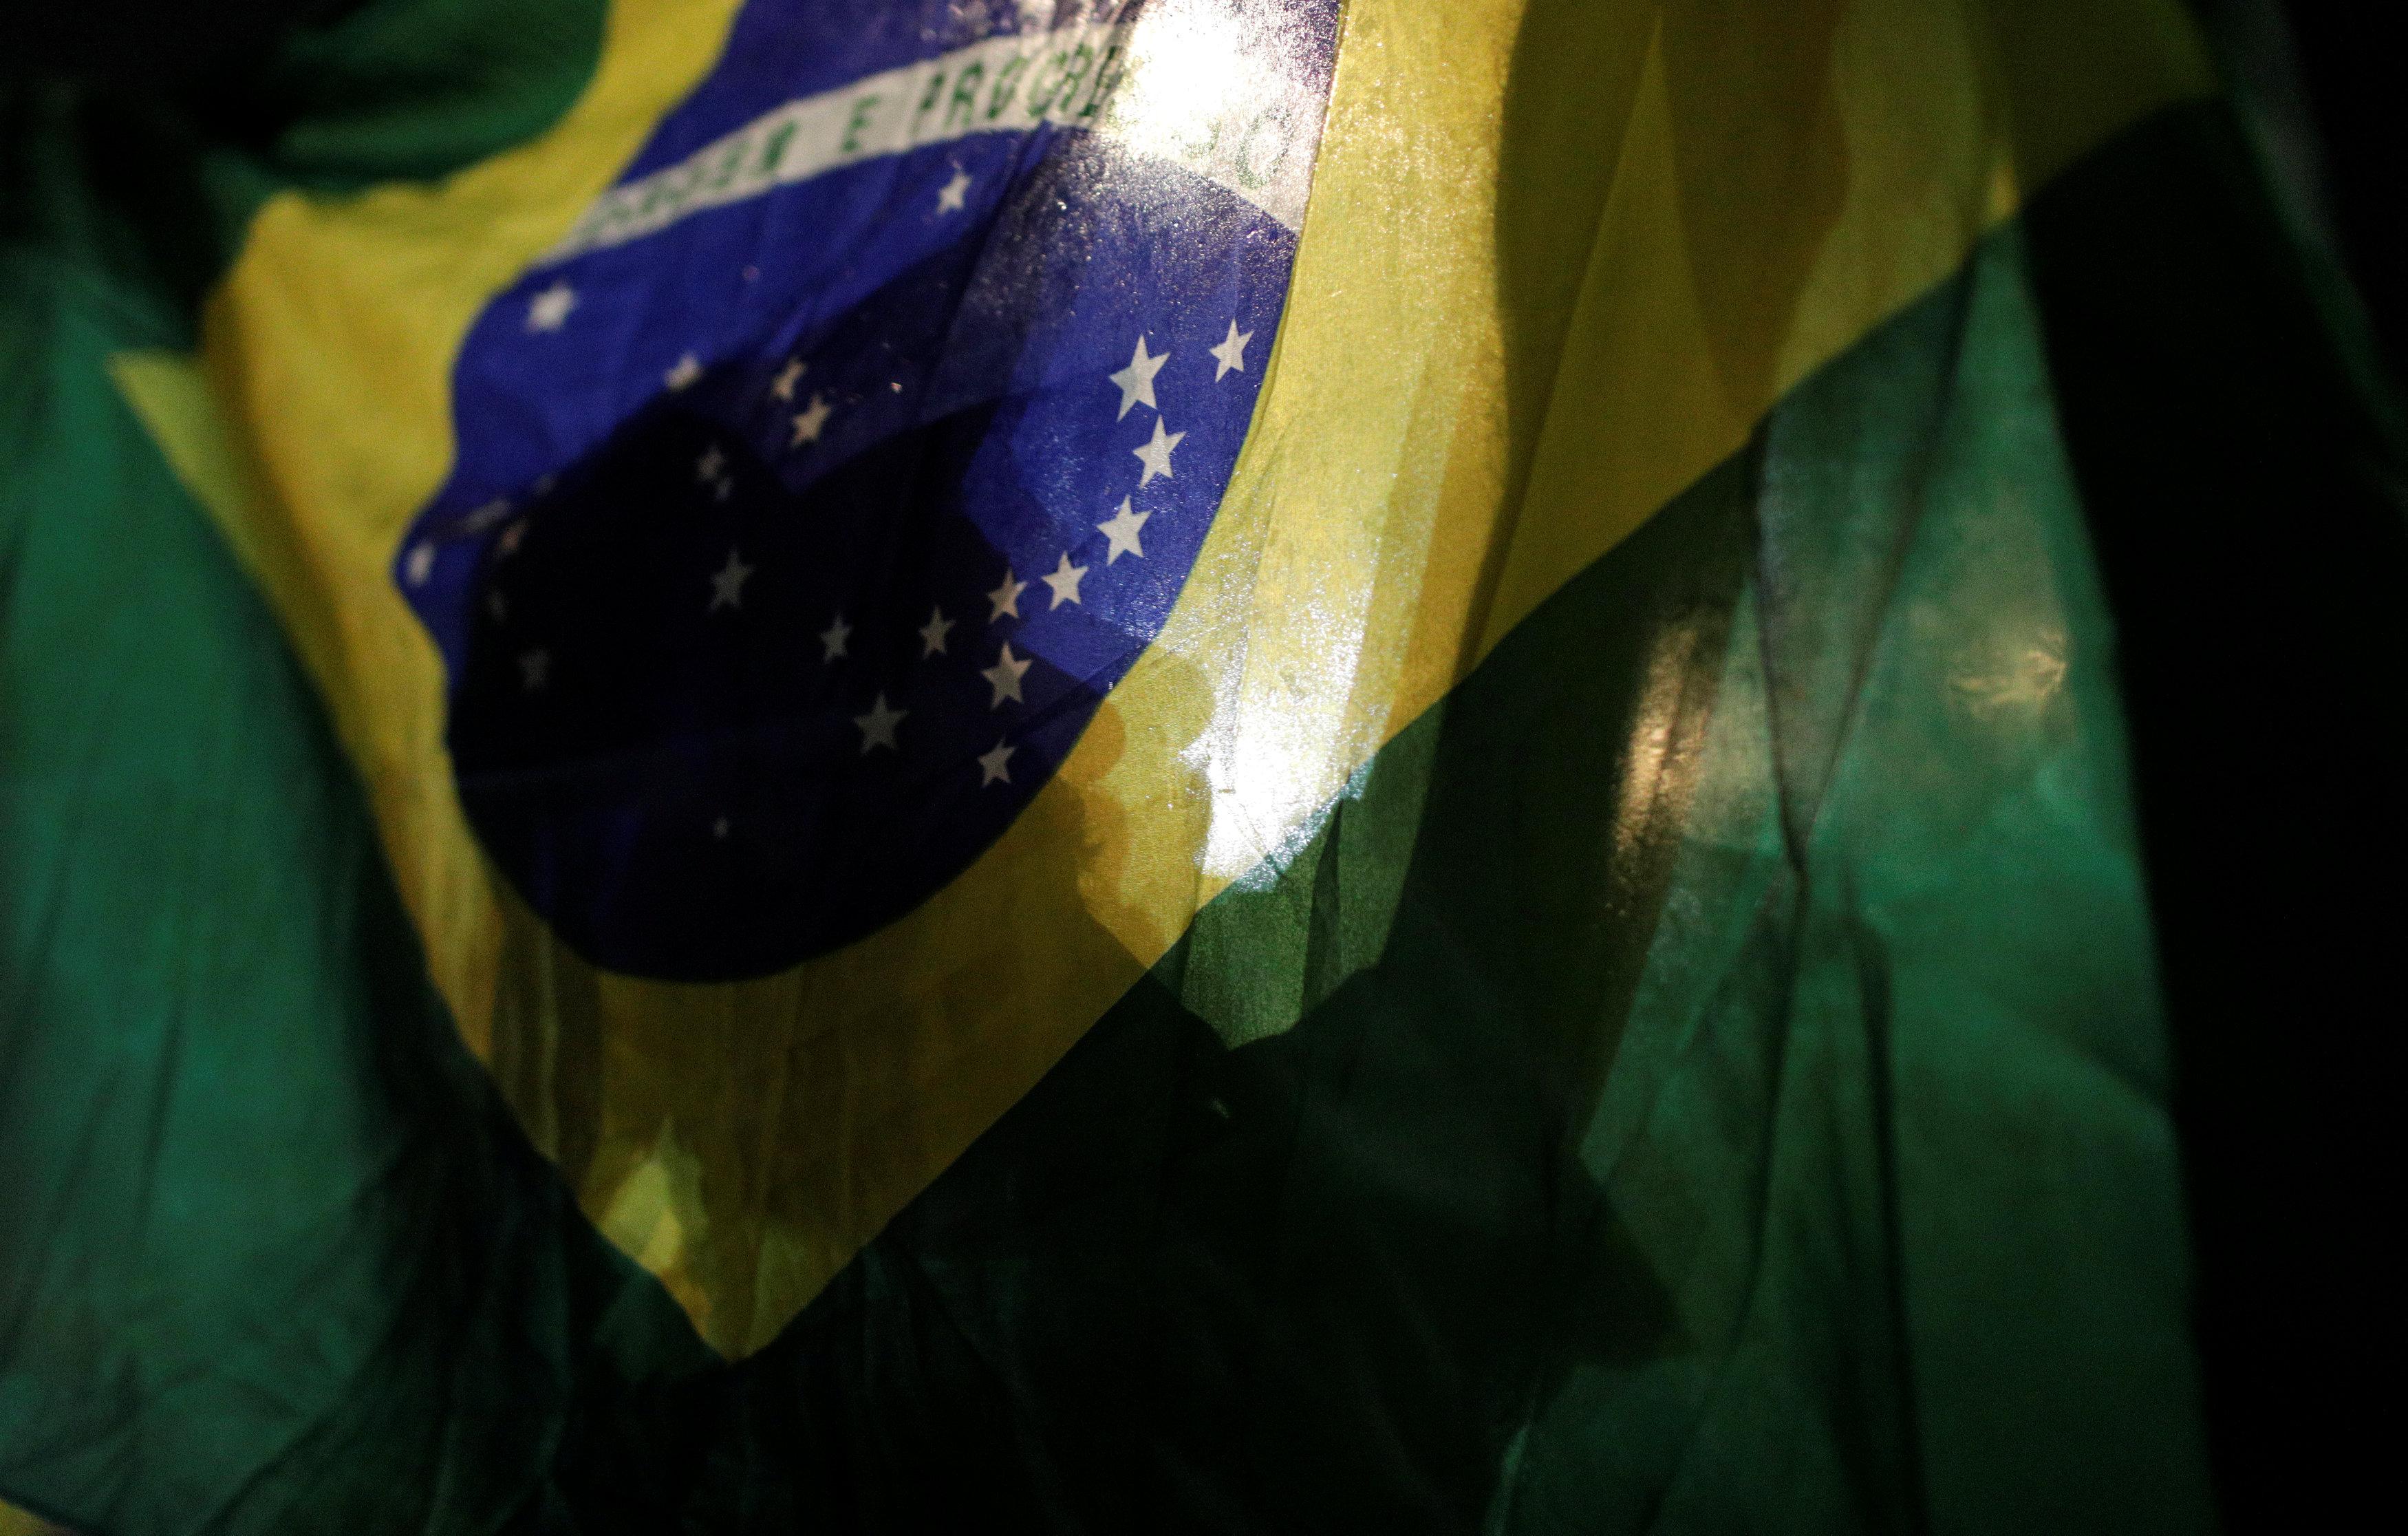 Río de Janeiro (Reuters/Ricardo Moraes)